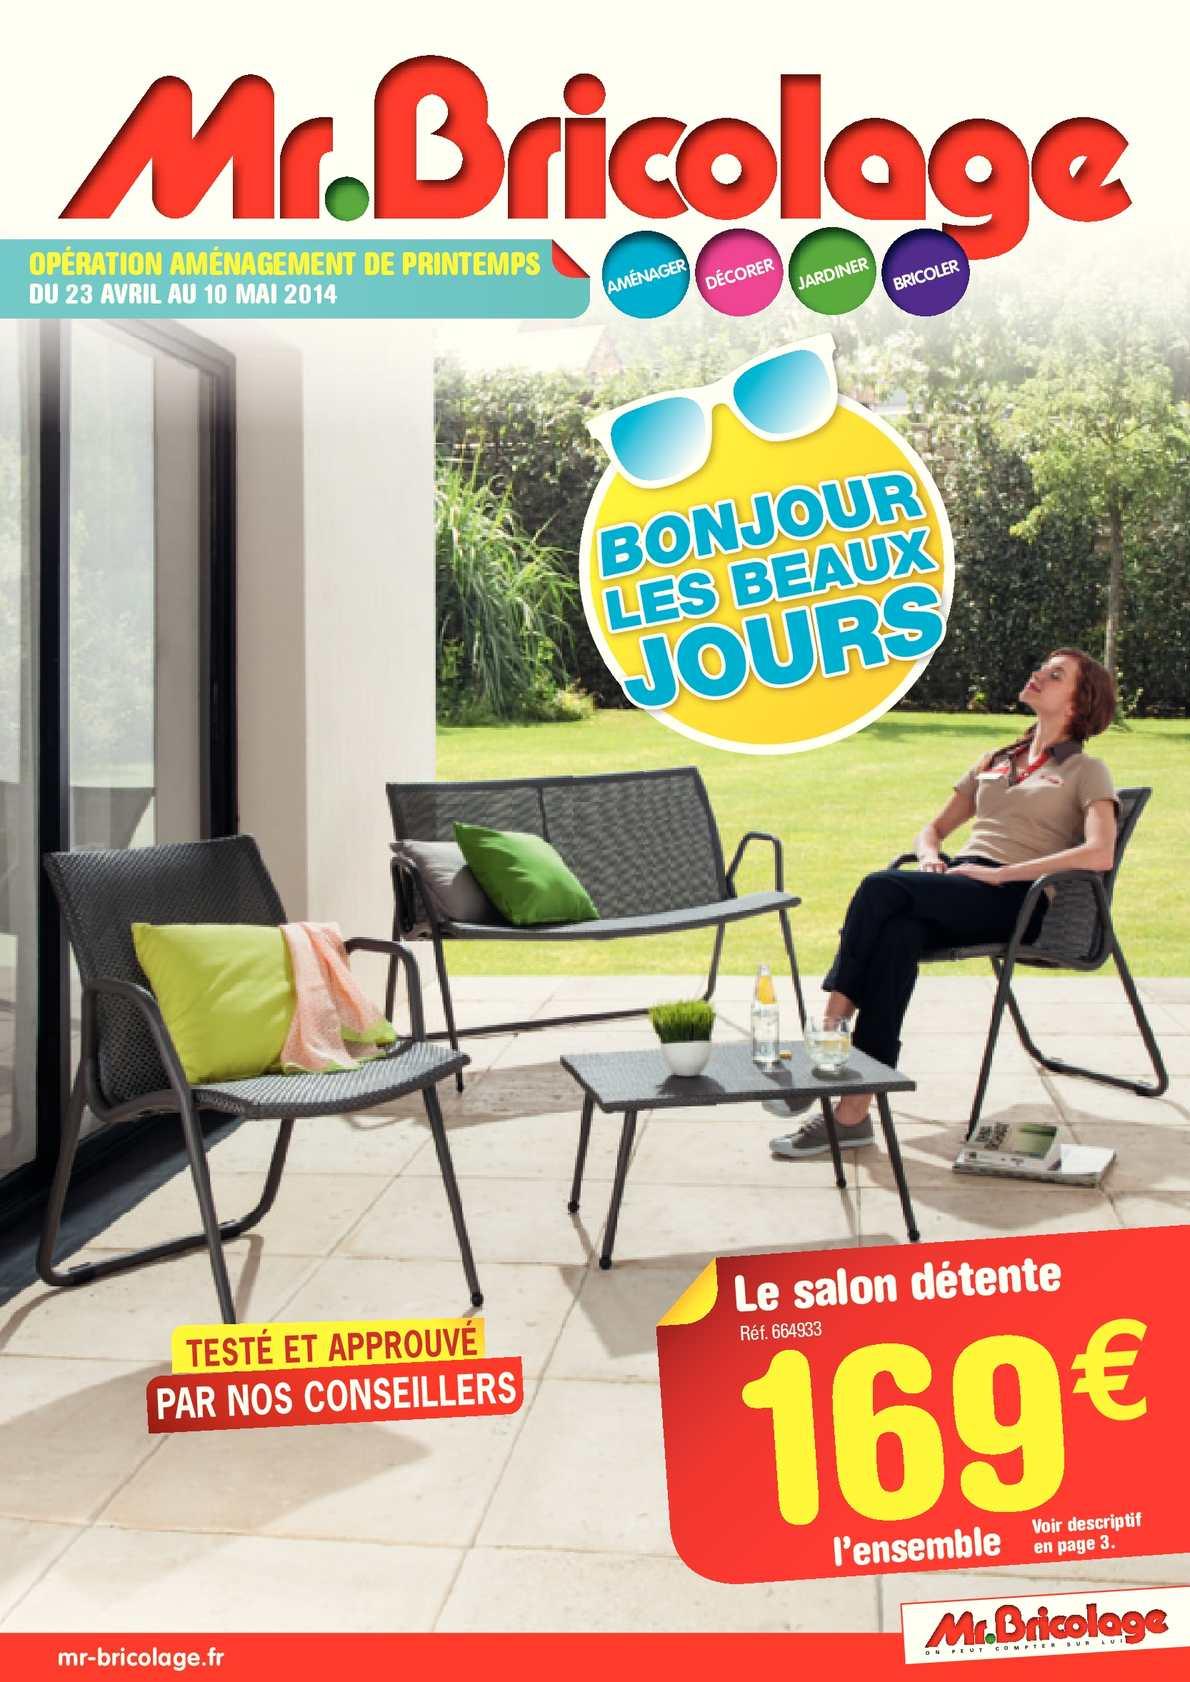 Extérieur Bricolage Aménagement Catalogue Pages Calaméo 12 ... intérieur Salon De Jardin Mr Bricolage